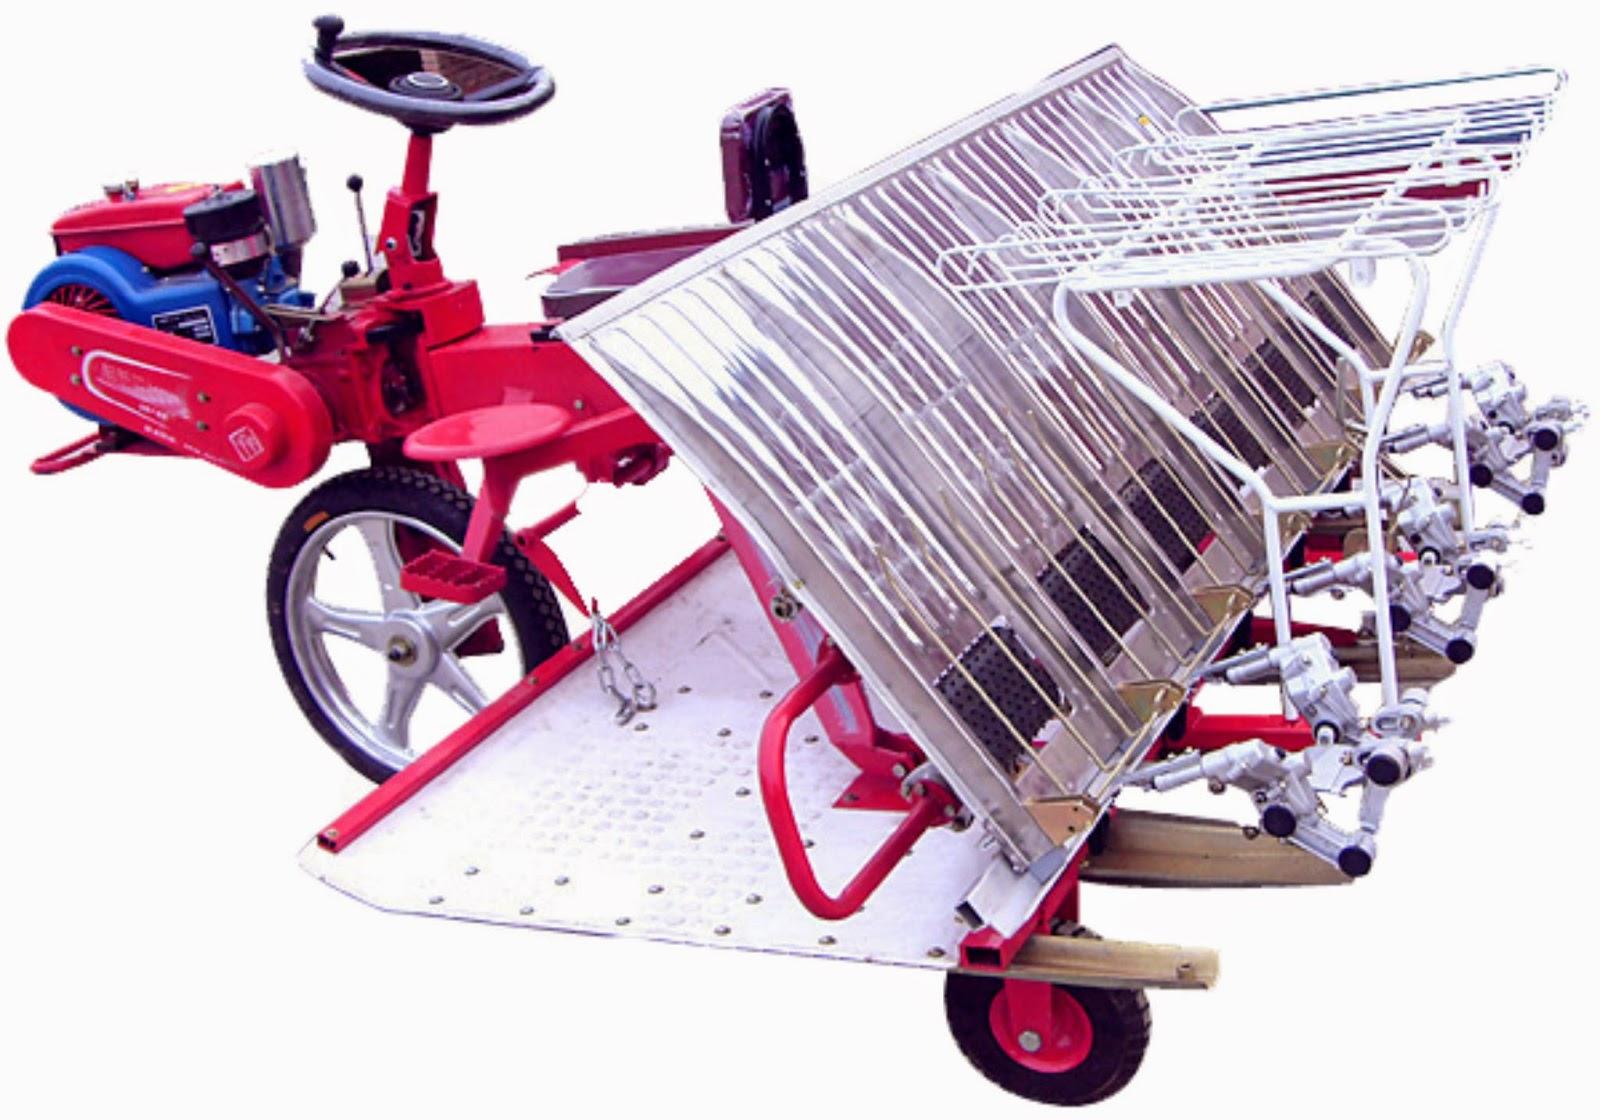 Mesin Tanam Padi Rice Transplanter Saam 2z 8238 Santoso Advance Paket Tudung 1 Pisau Dan Gearcase Ini Digunakan Untuk Membantu Melakukan Penanaman Bibit Dengan Jarak Kurang Lebih 238 Cm Kerja Cepat Efisien Karena Proses